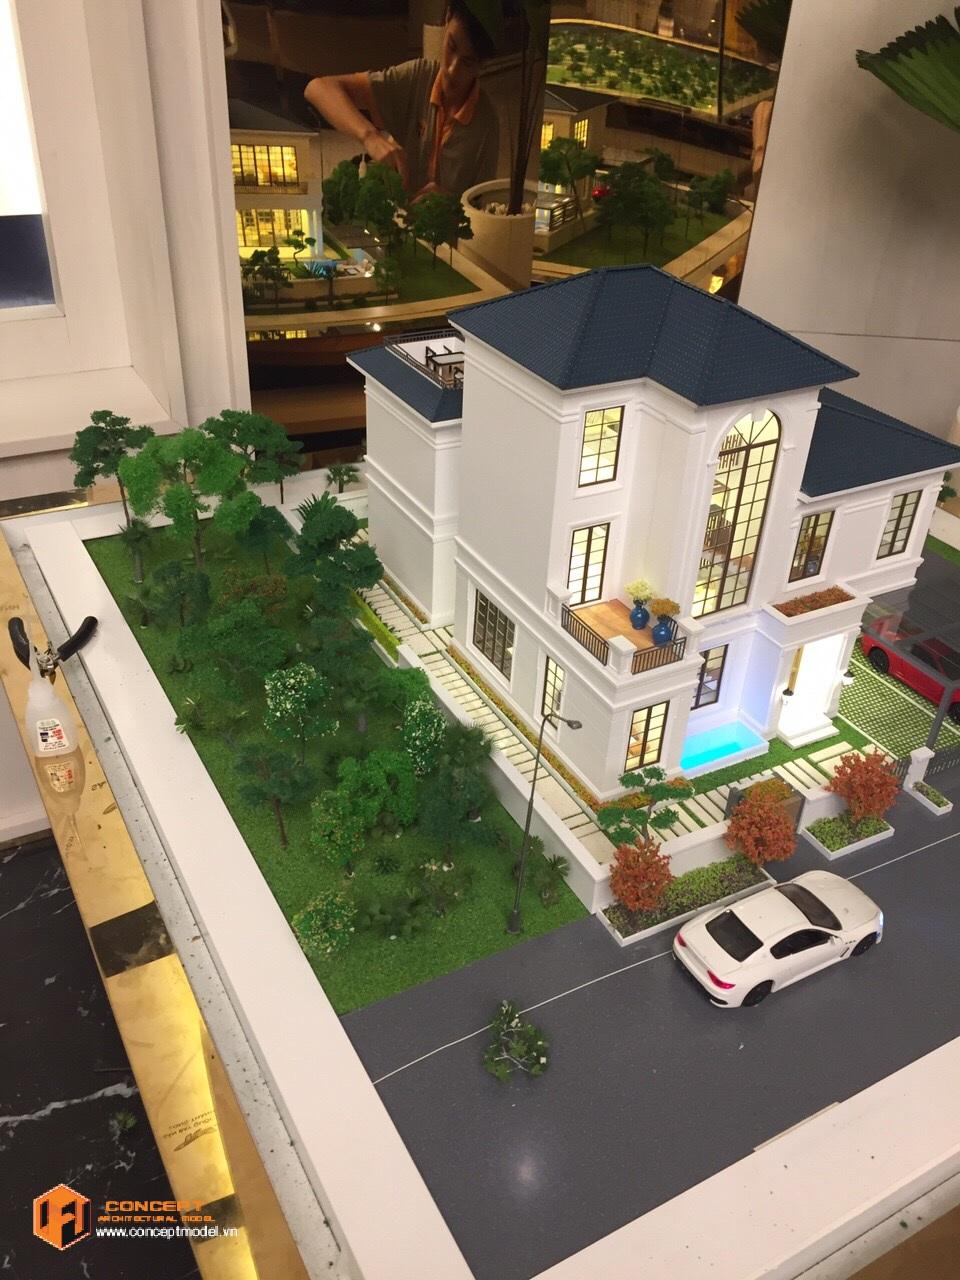 Nhà biệt thự mẫu dự án SwanBay tập đoàn Swancity